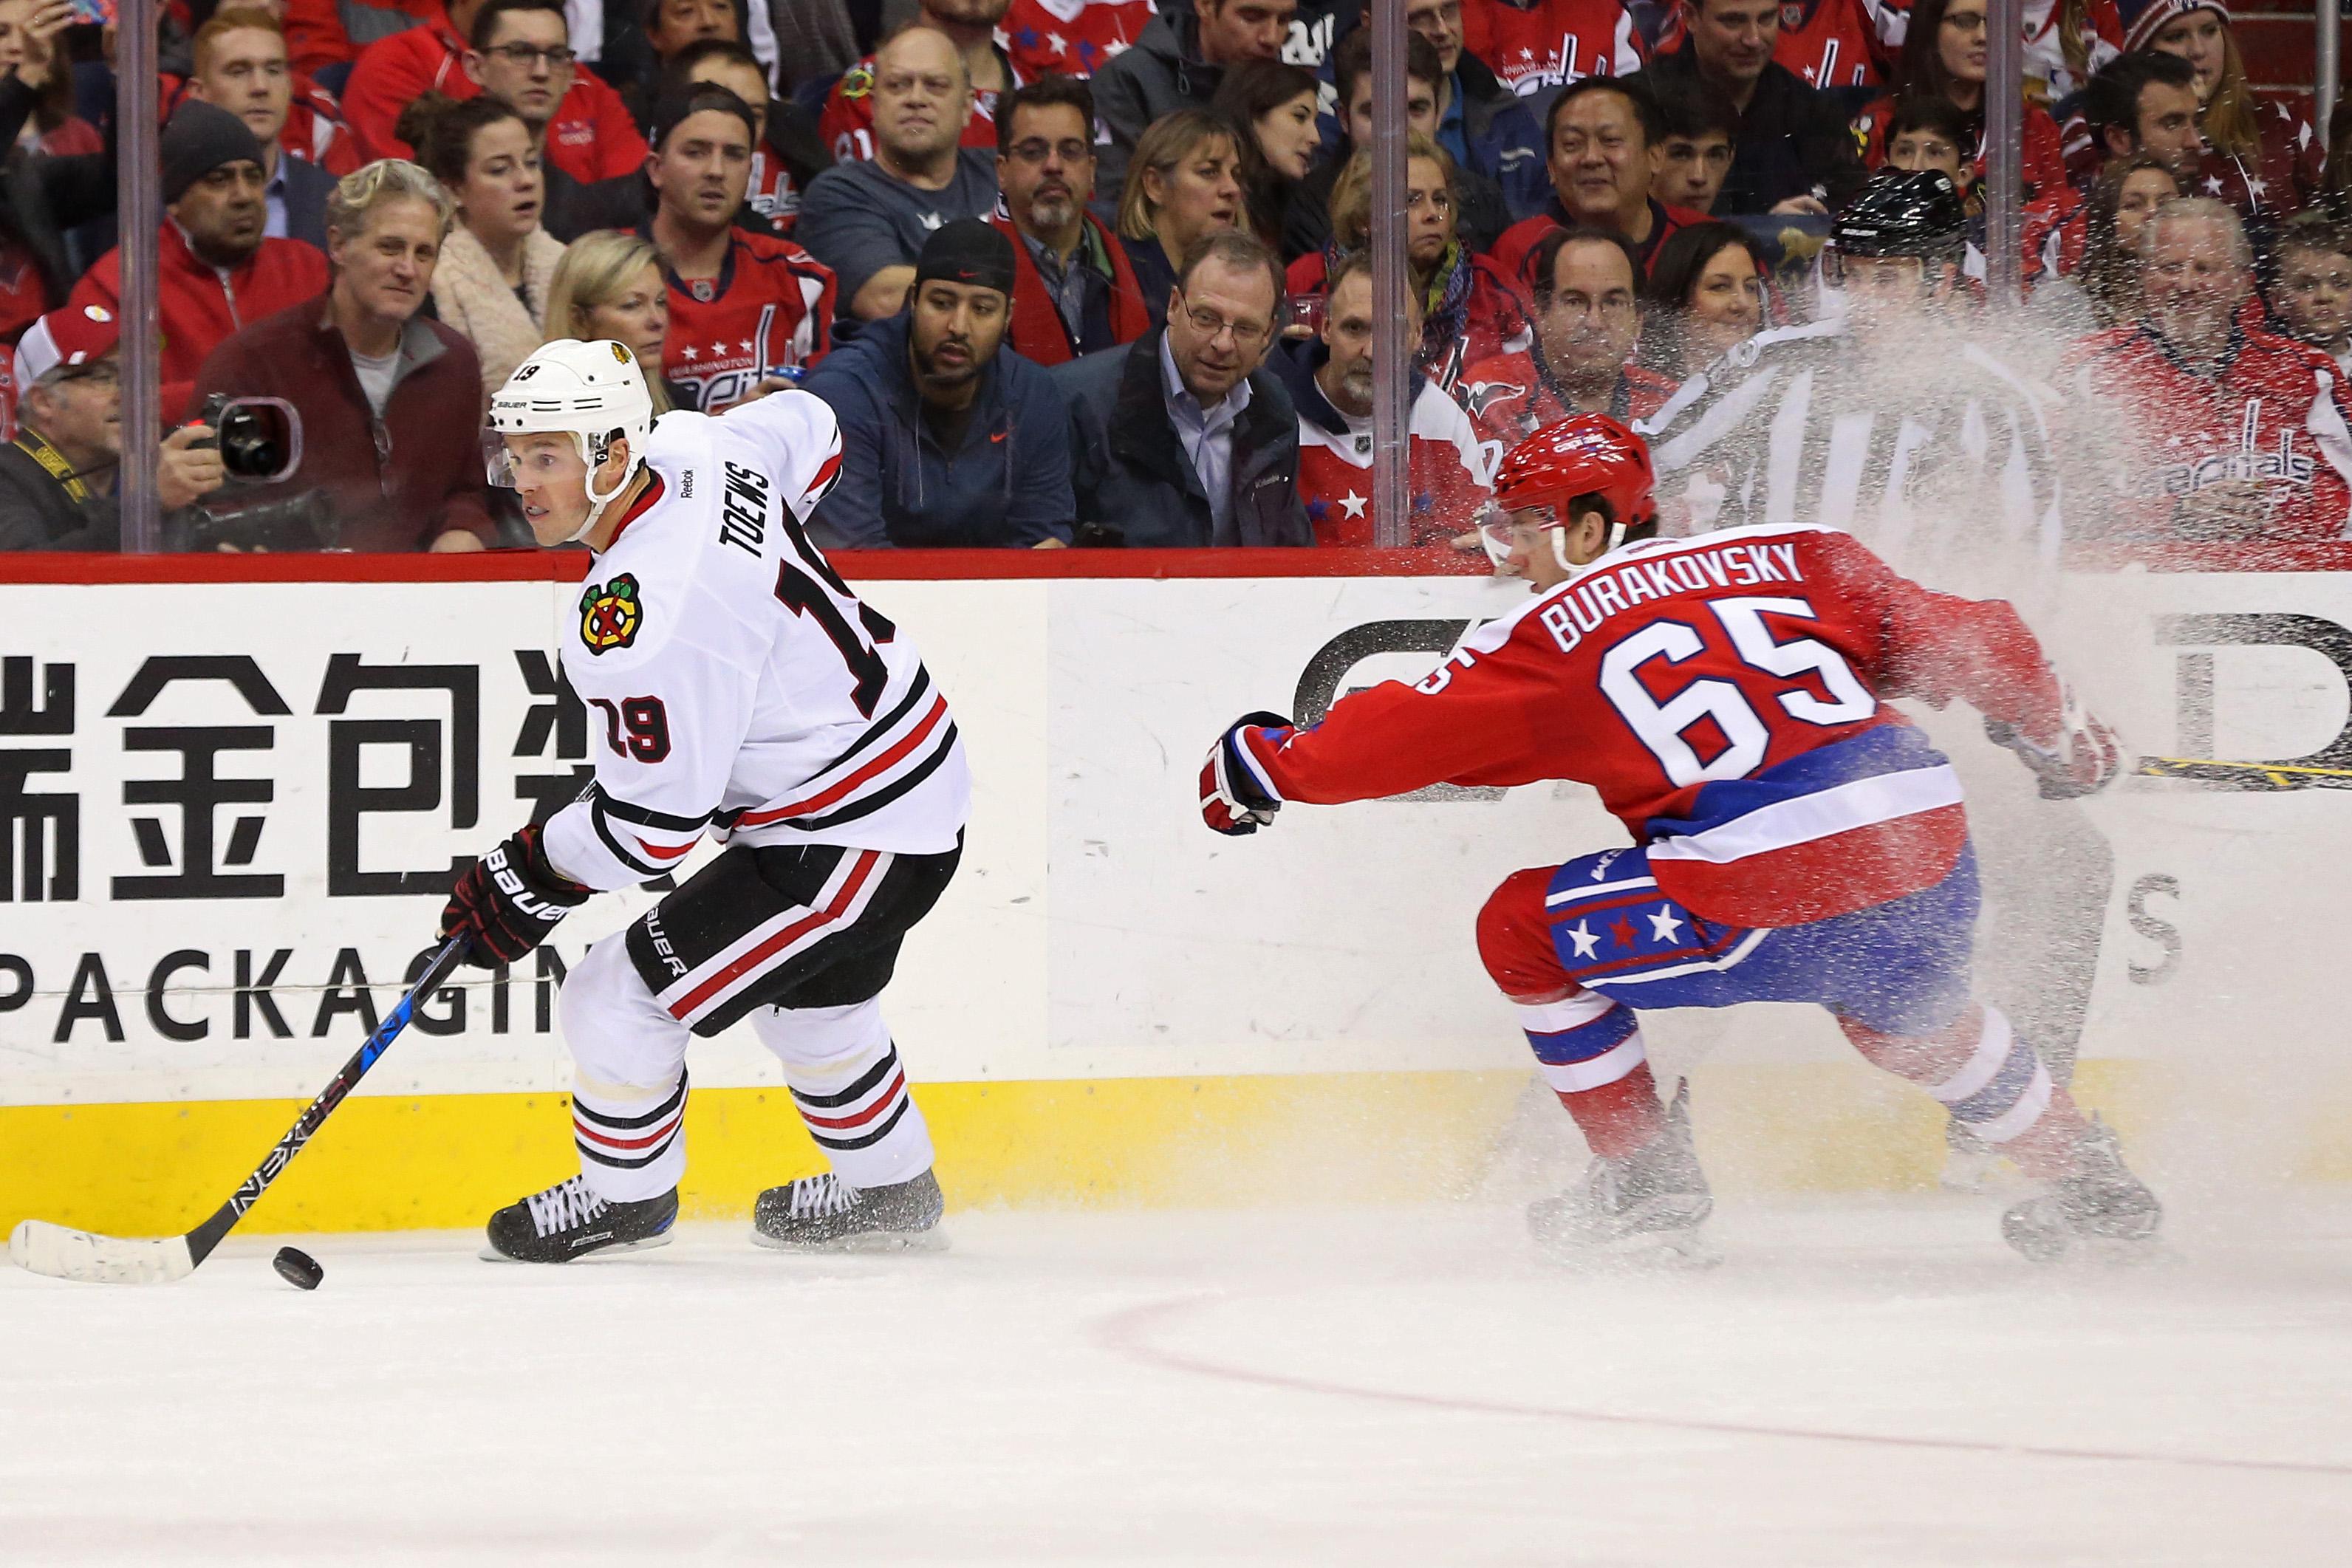 NHL: Chicago Blackhawks at Washington Capitals